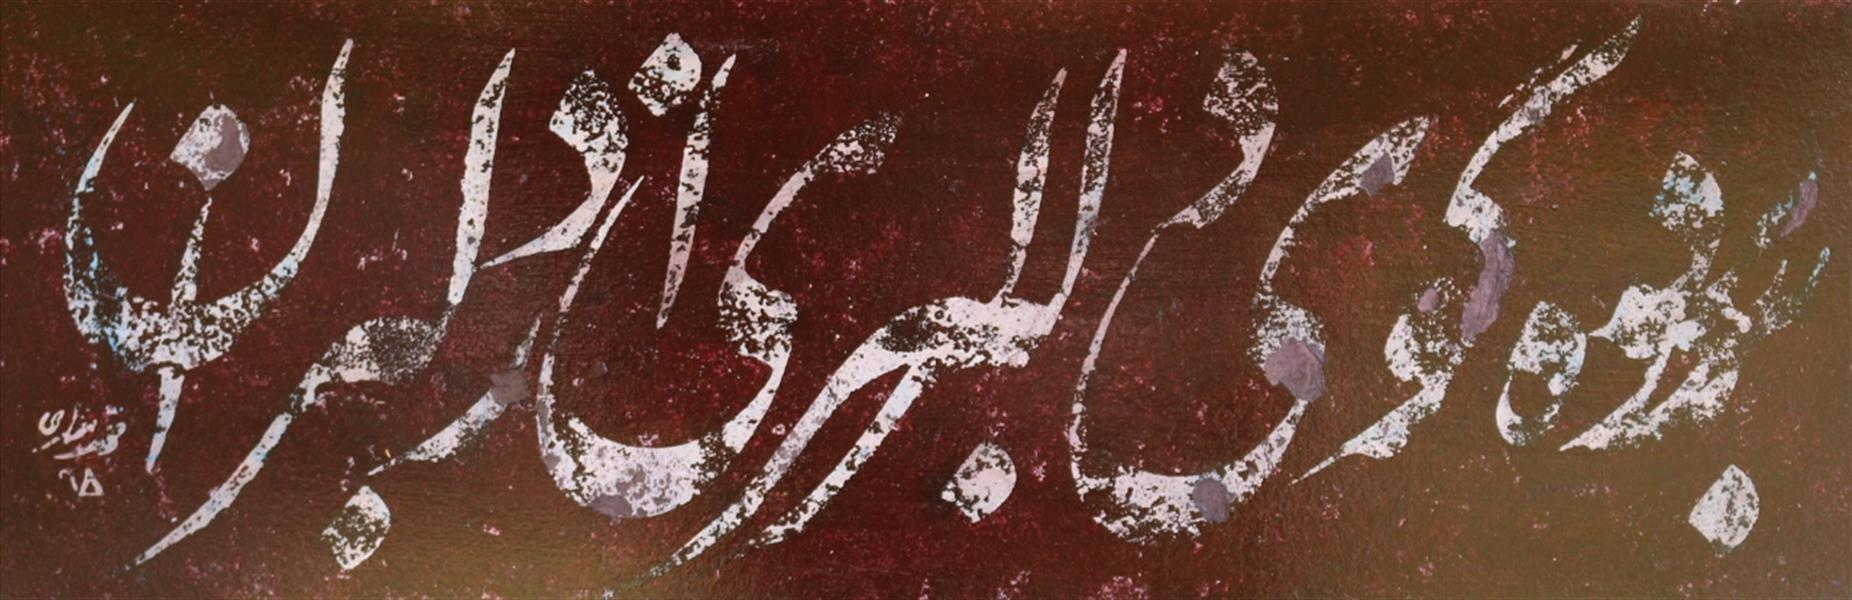 هنر خوشنویسی محفل خوشنویسی محمد مظهری برده گوی دلبری از دلبران ابعاد پاسپارتو و قاب ۴۵×۸۵ (قلم ۲.۵ سانتی) اکریلیک روی مقوا، پرس شده روی پلکسی